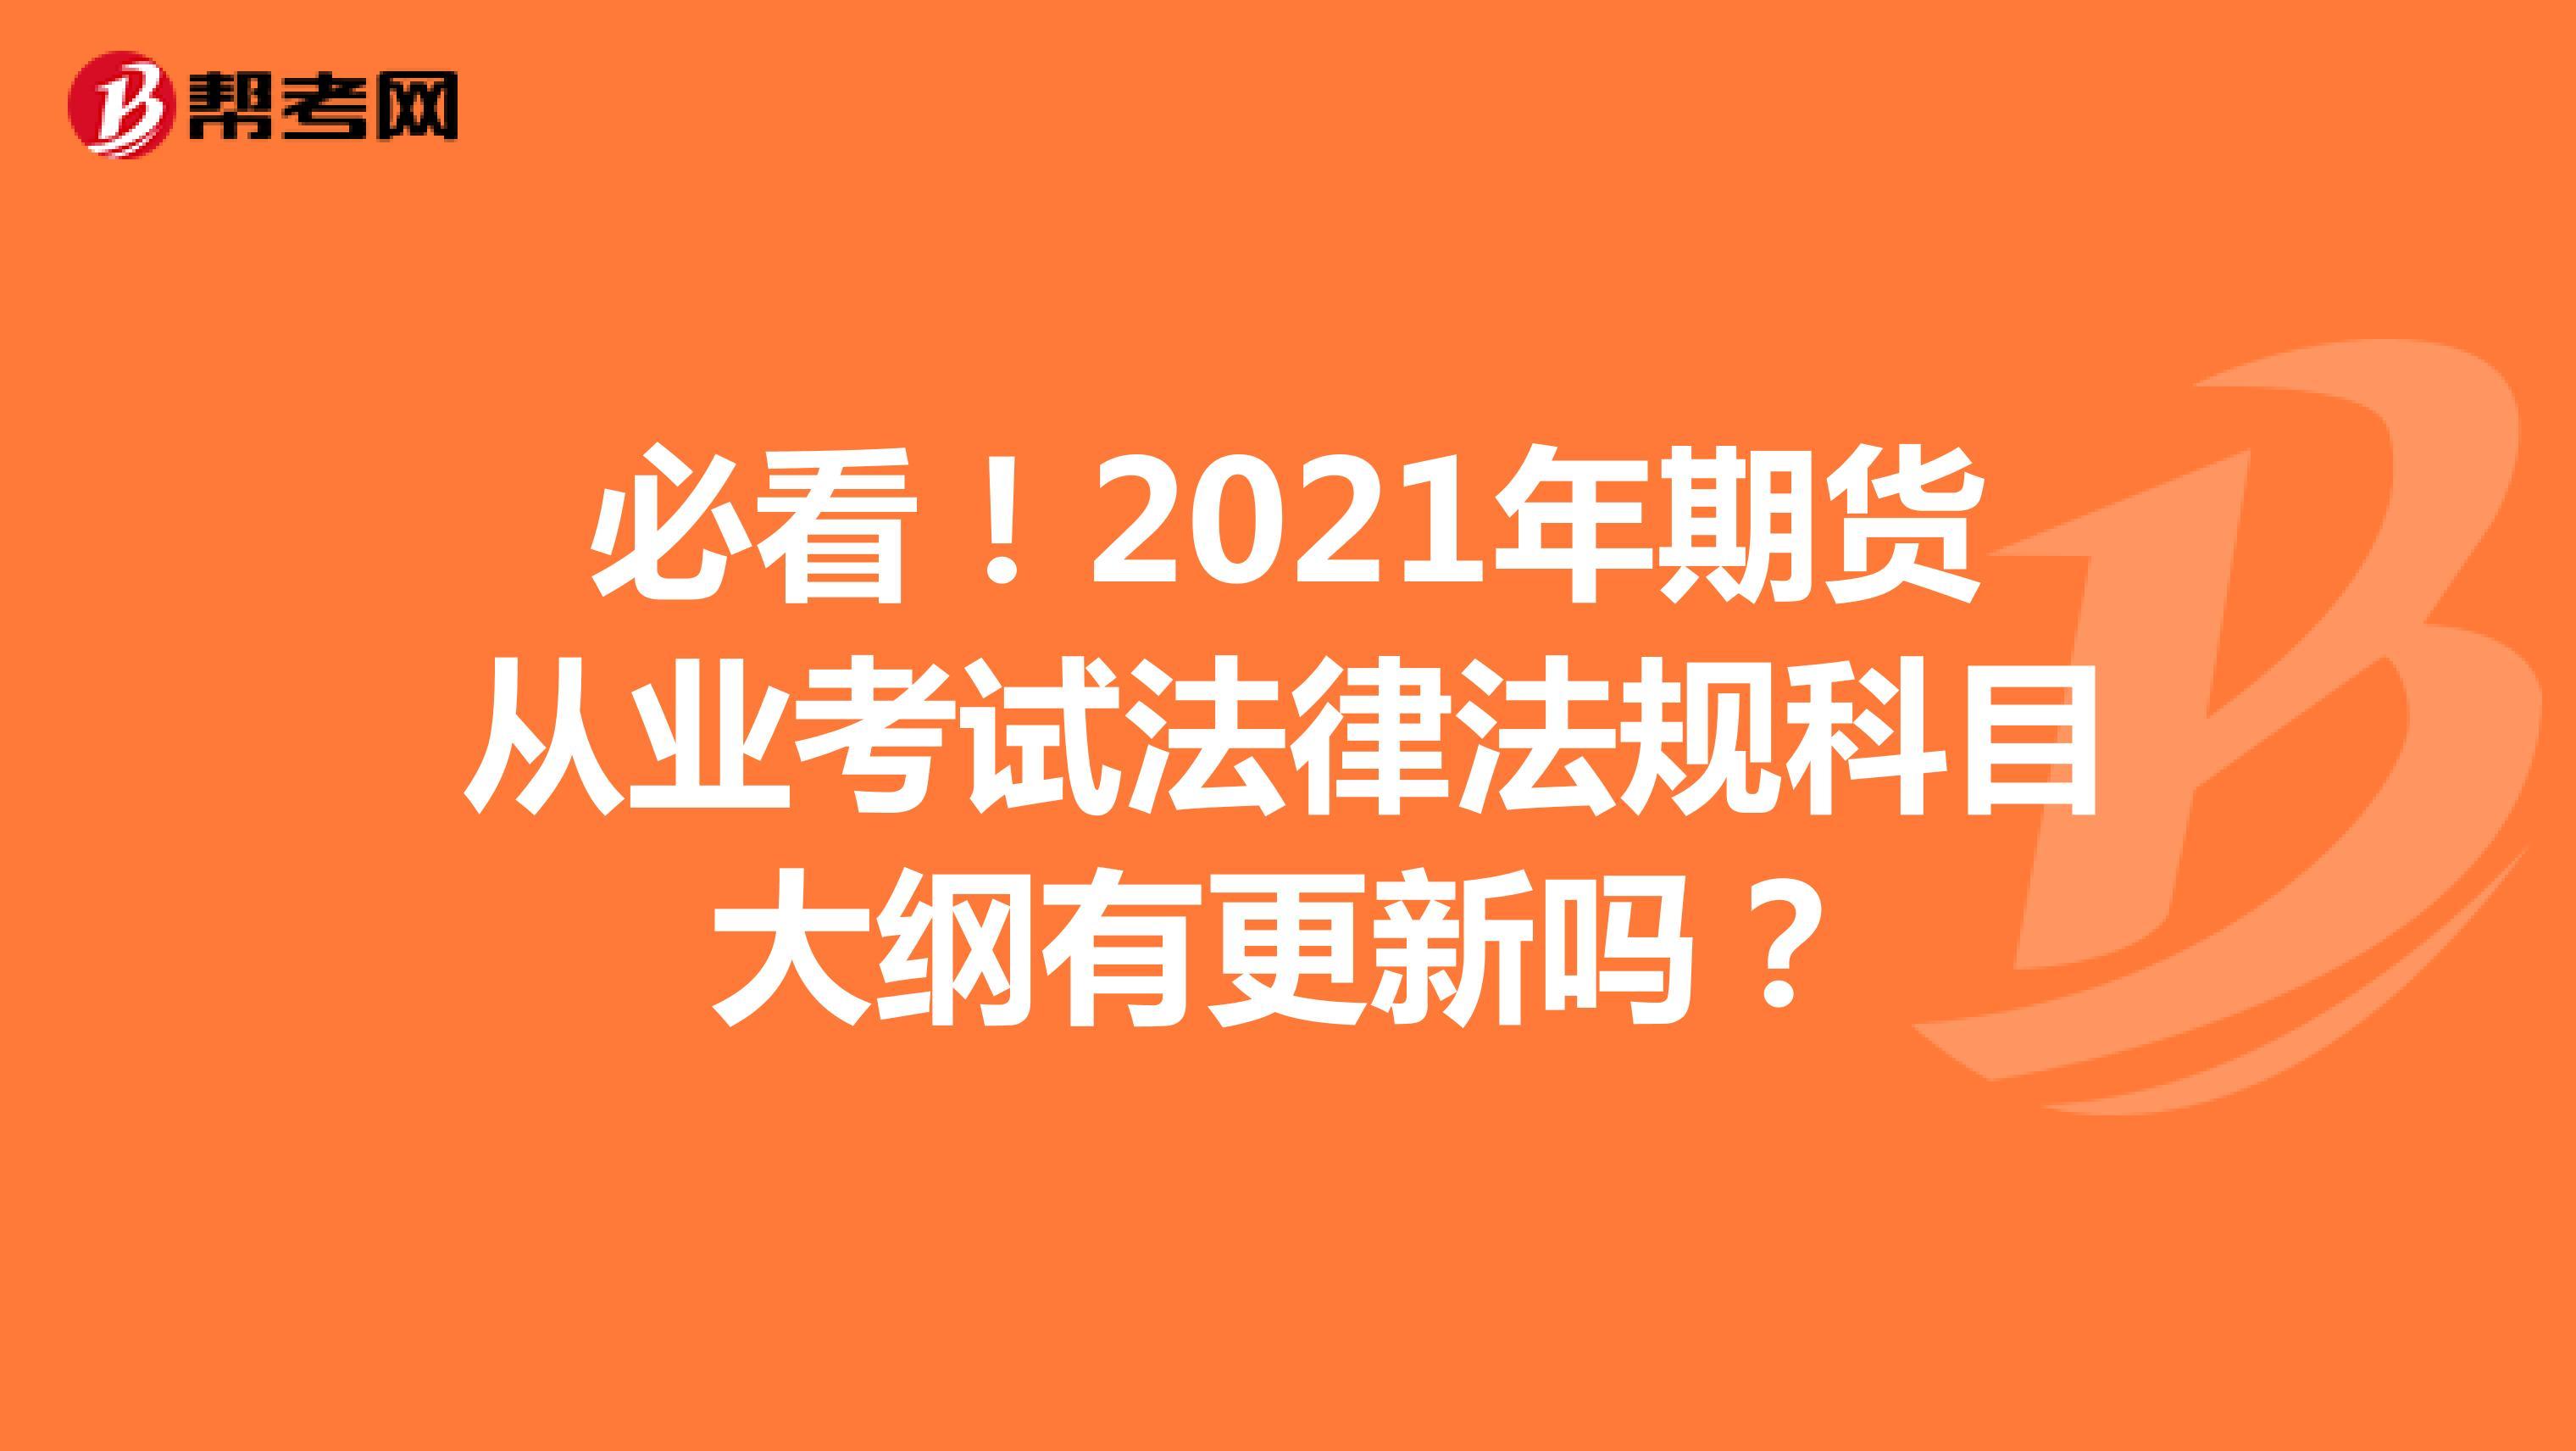 必看!2021年期货从业考试法律法规科目大纲有更新吗?